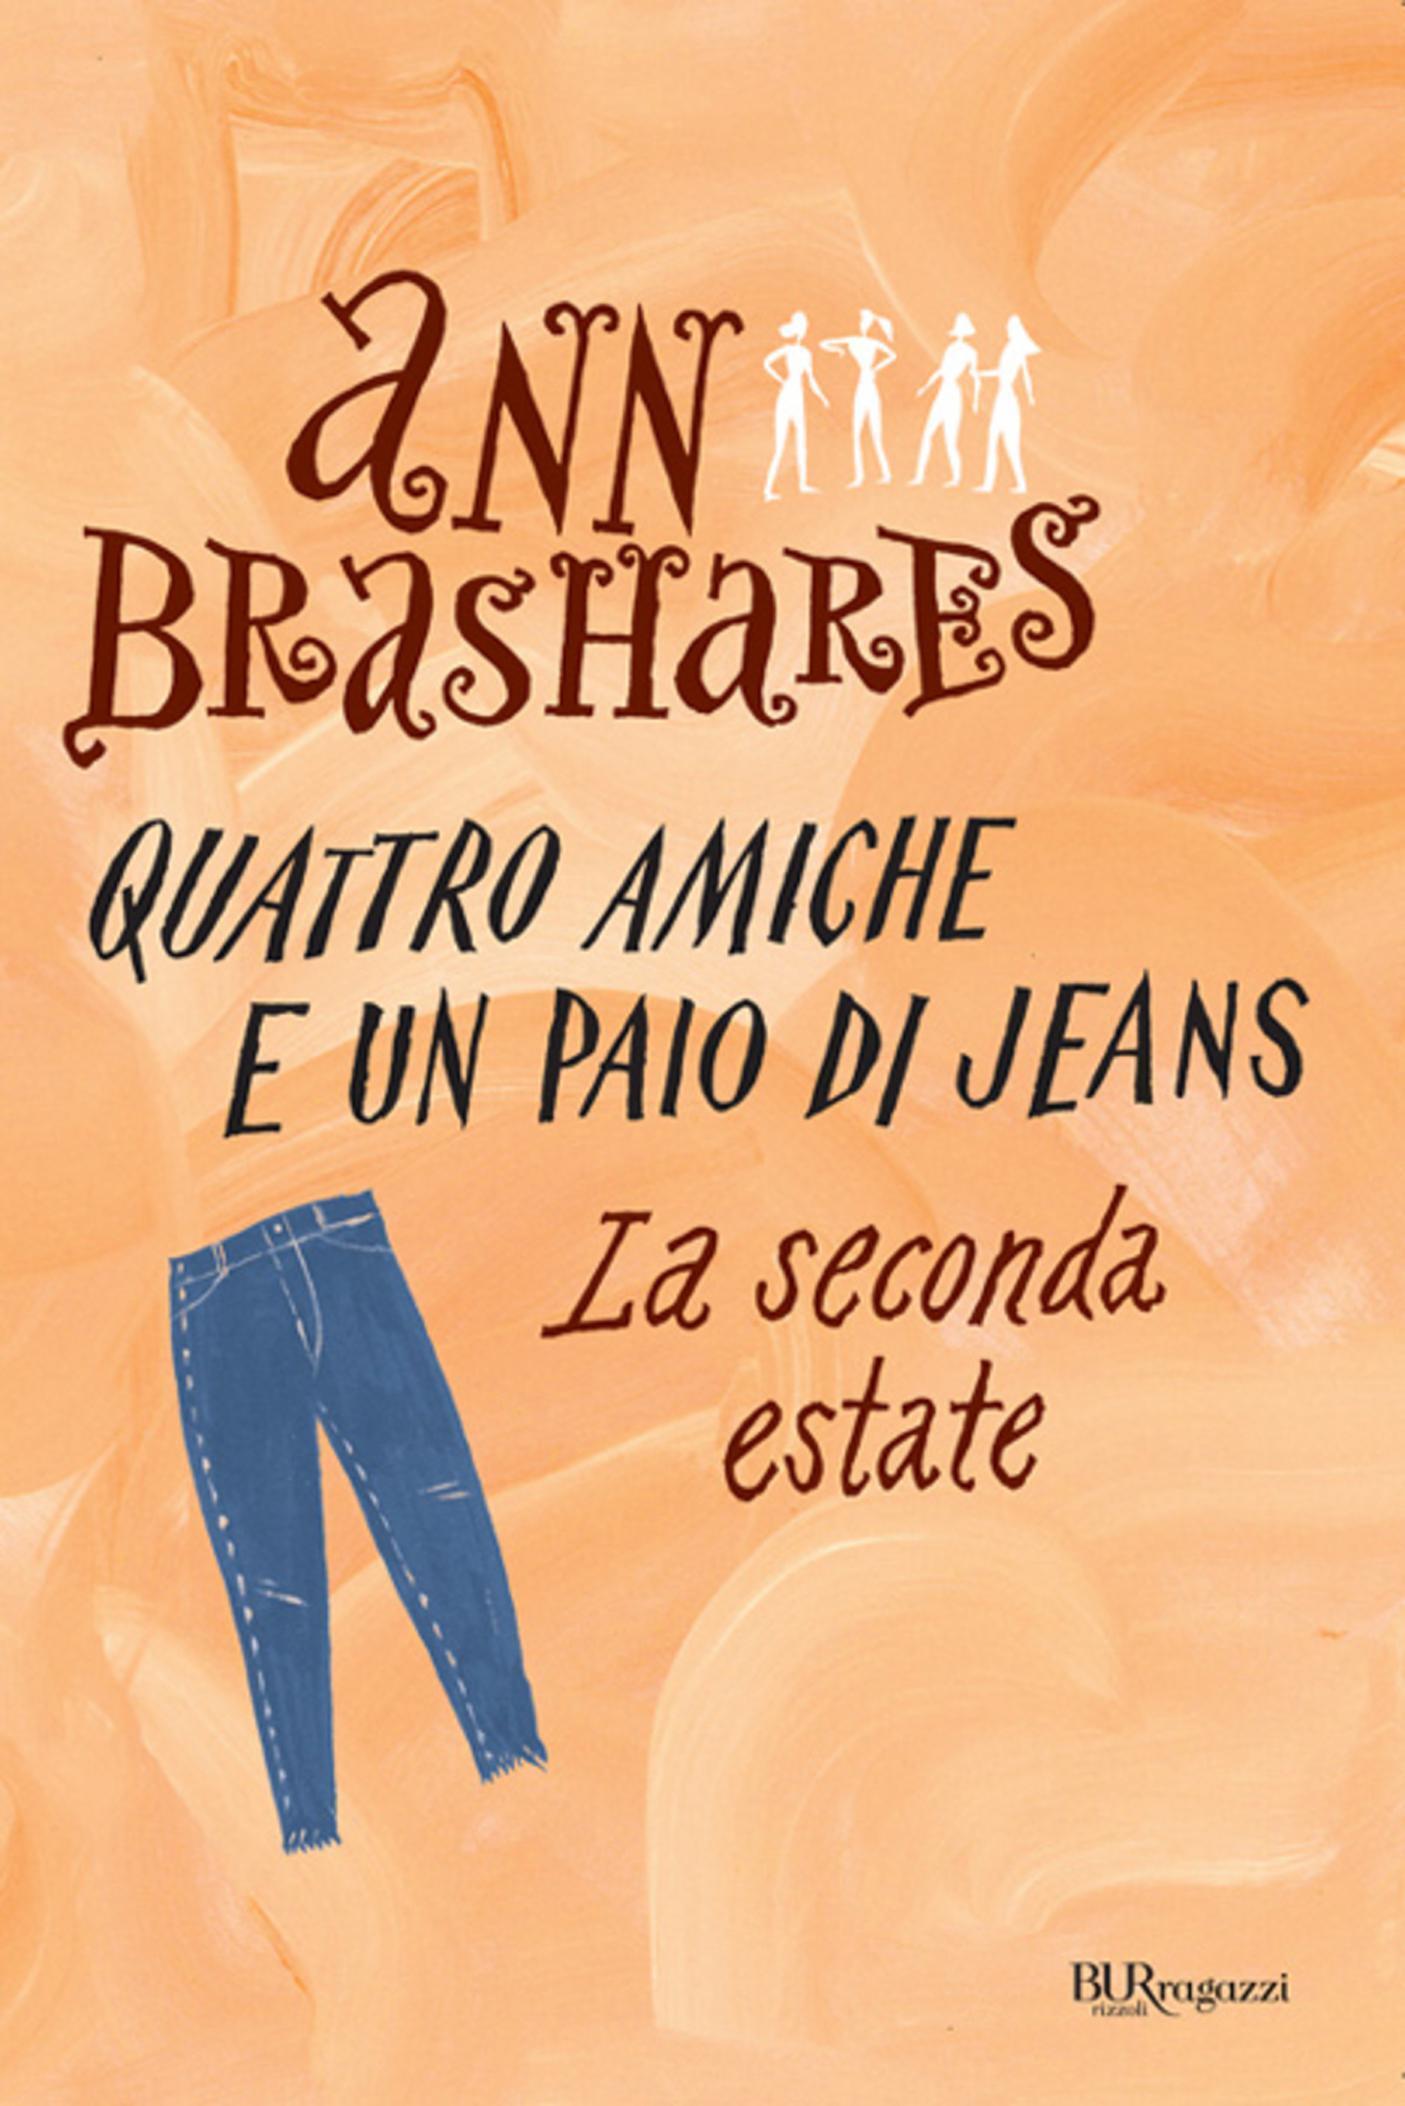 Quattro amiche e un paio di jeans: la seconda estate